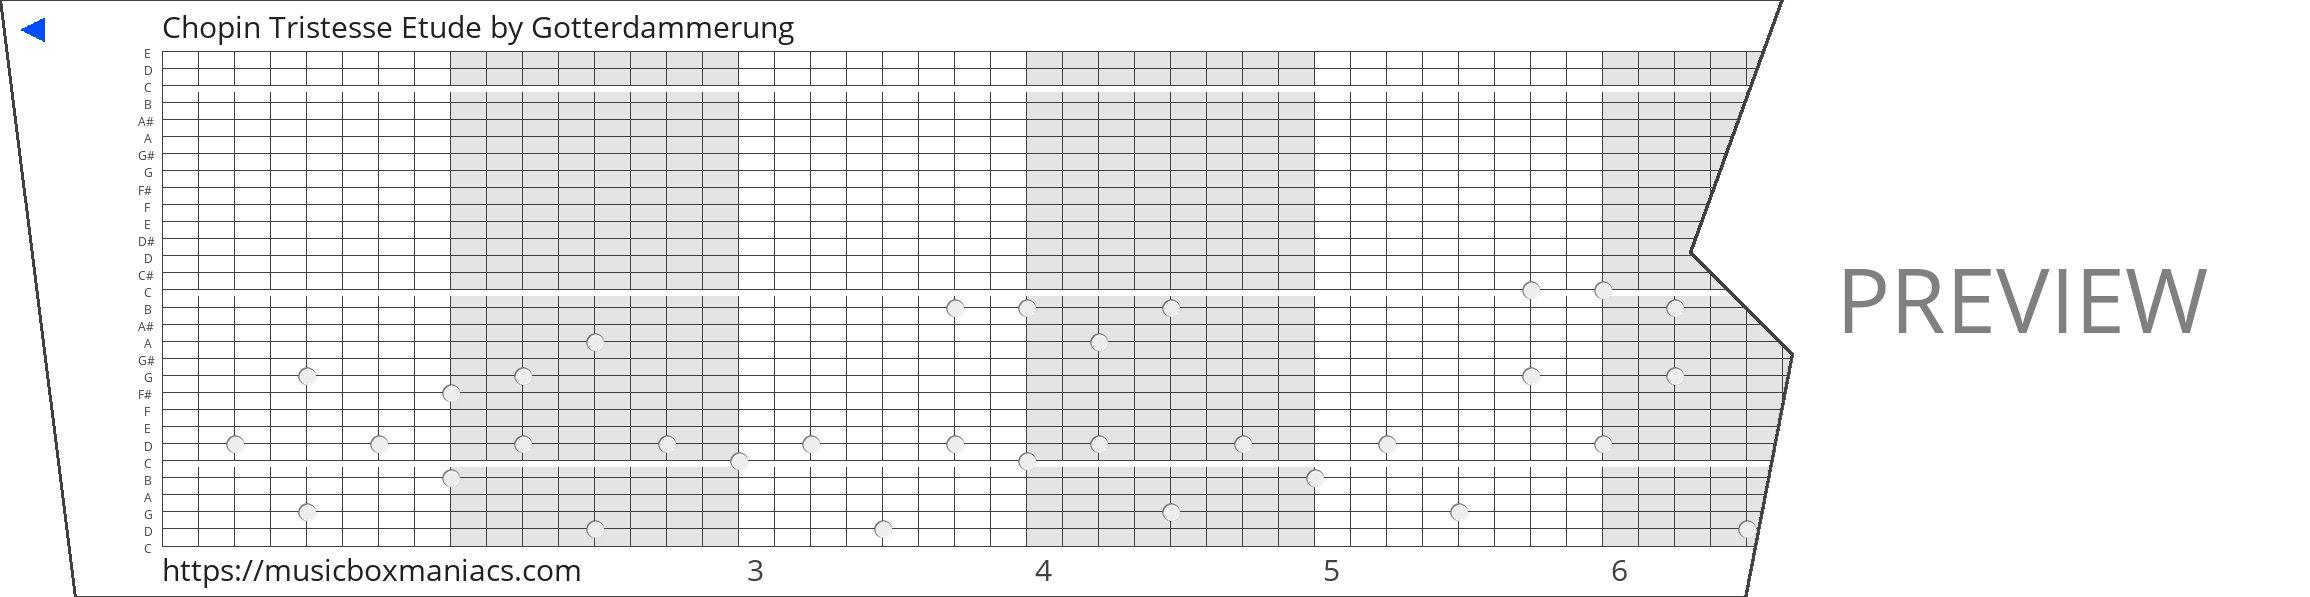 Chopin Tristesse Etude 30 note music box paper strip